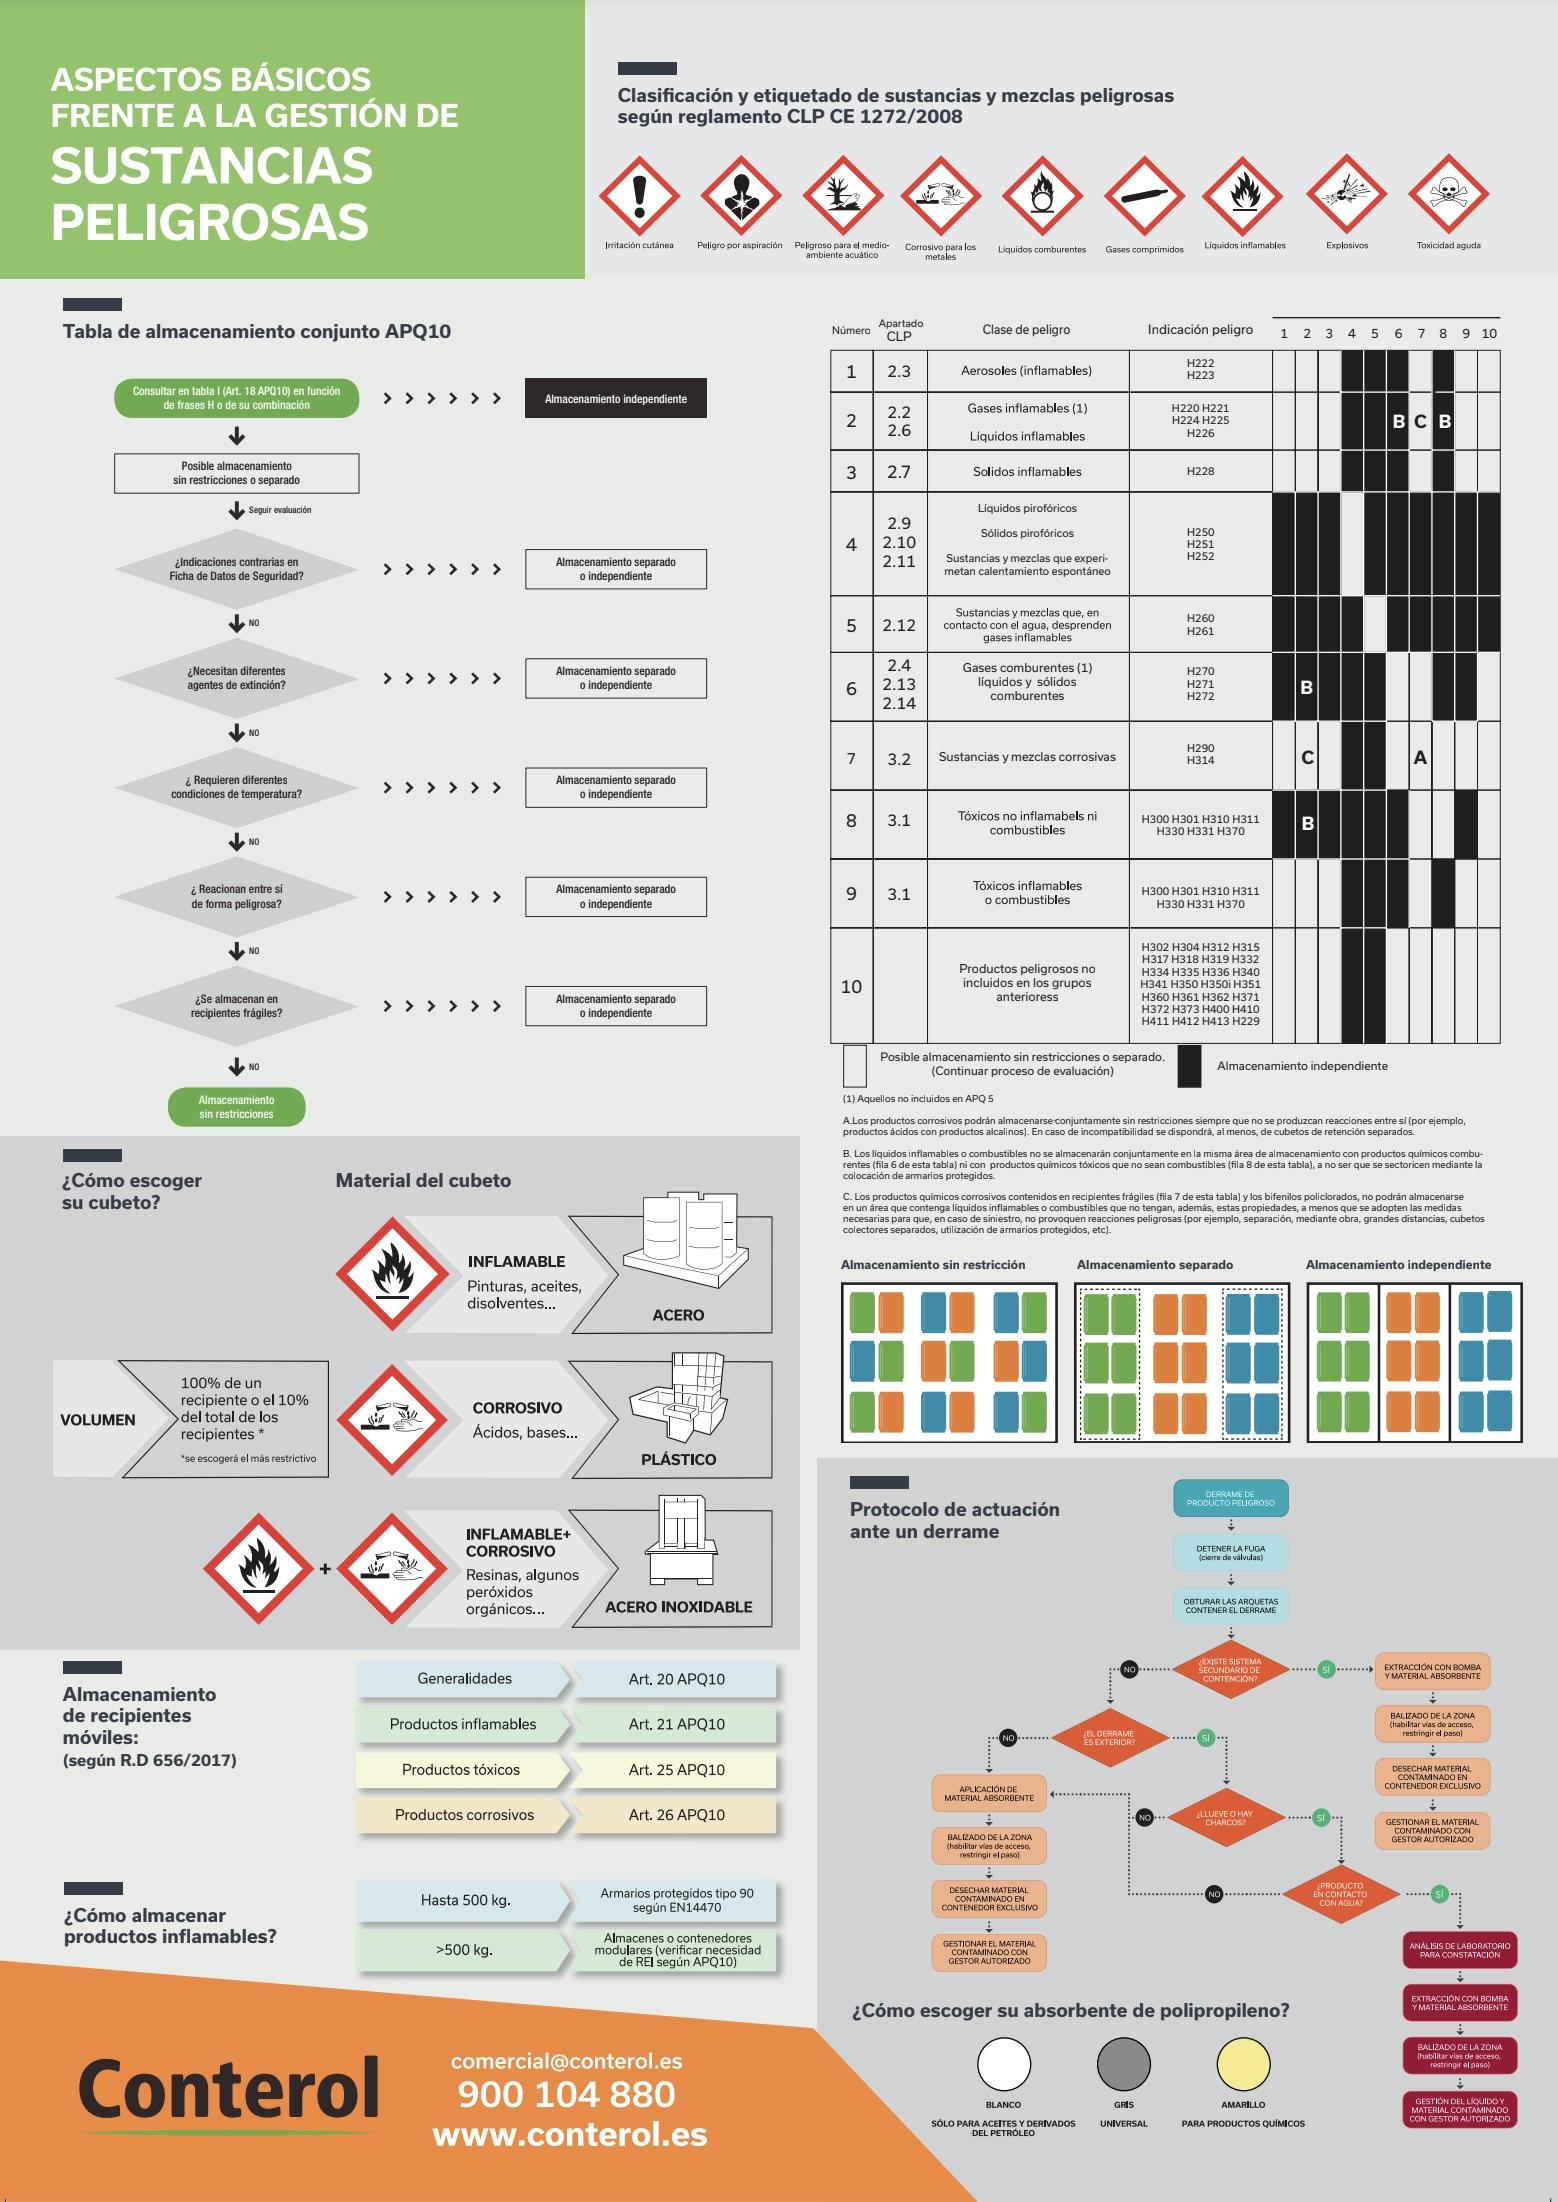 Nuevo cartel CONTEROL sobre Seguridad Industrial y Medio Ambiente